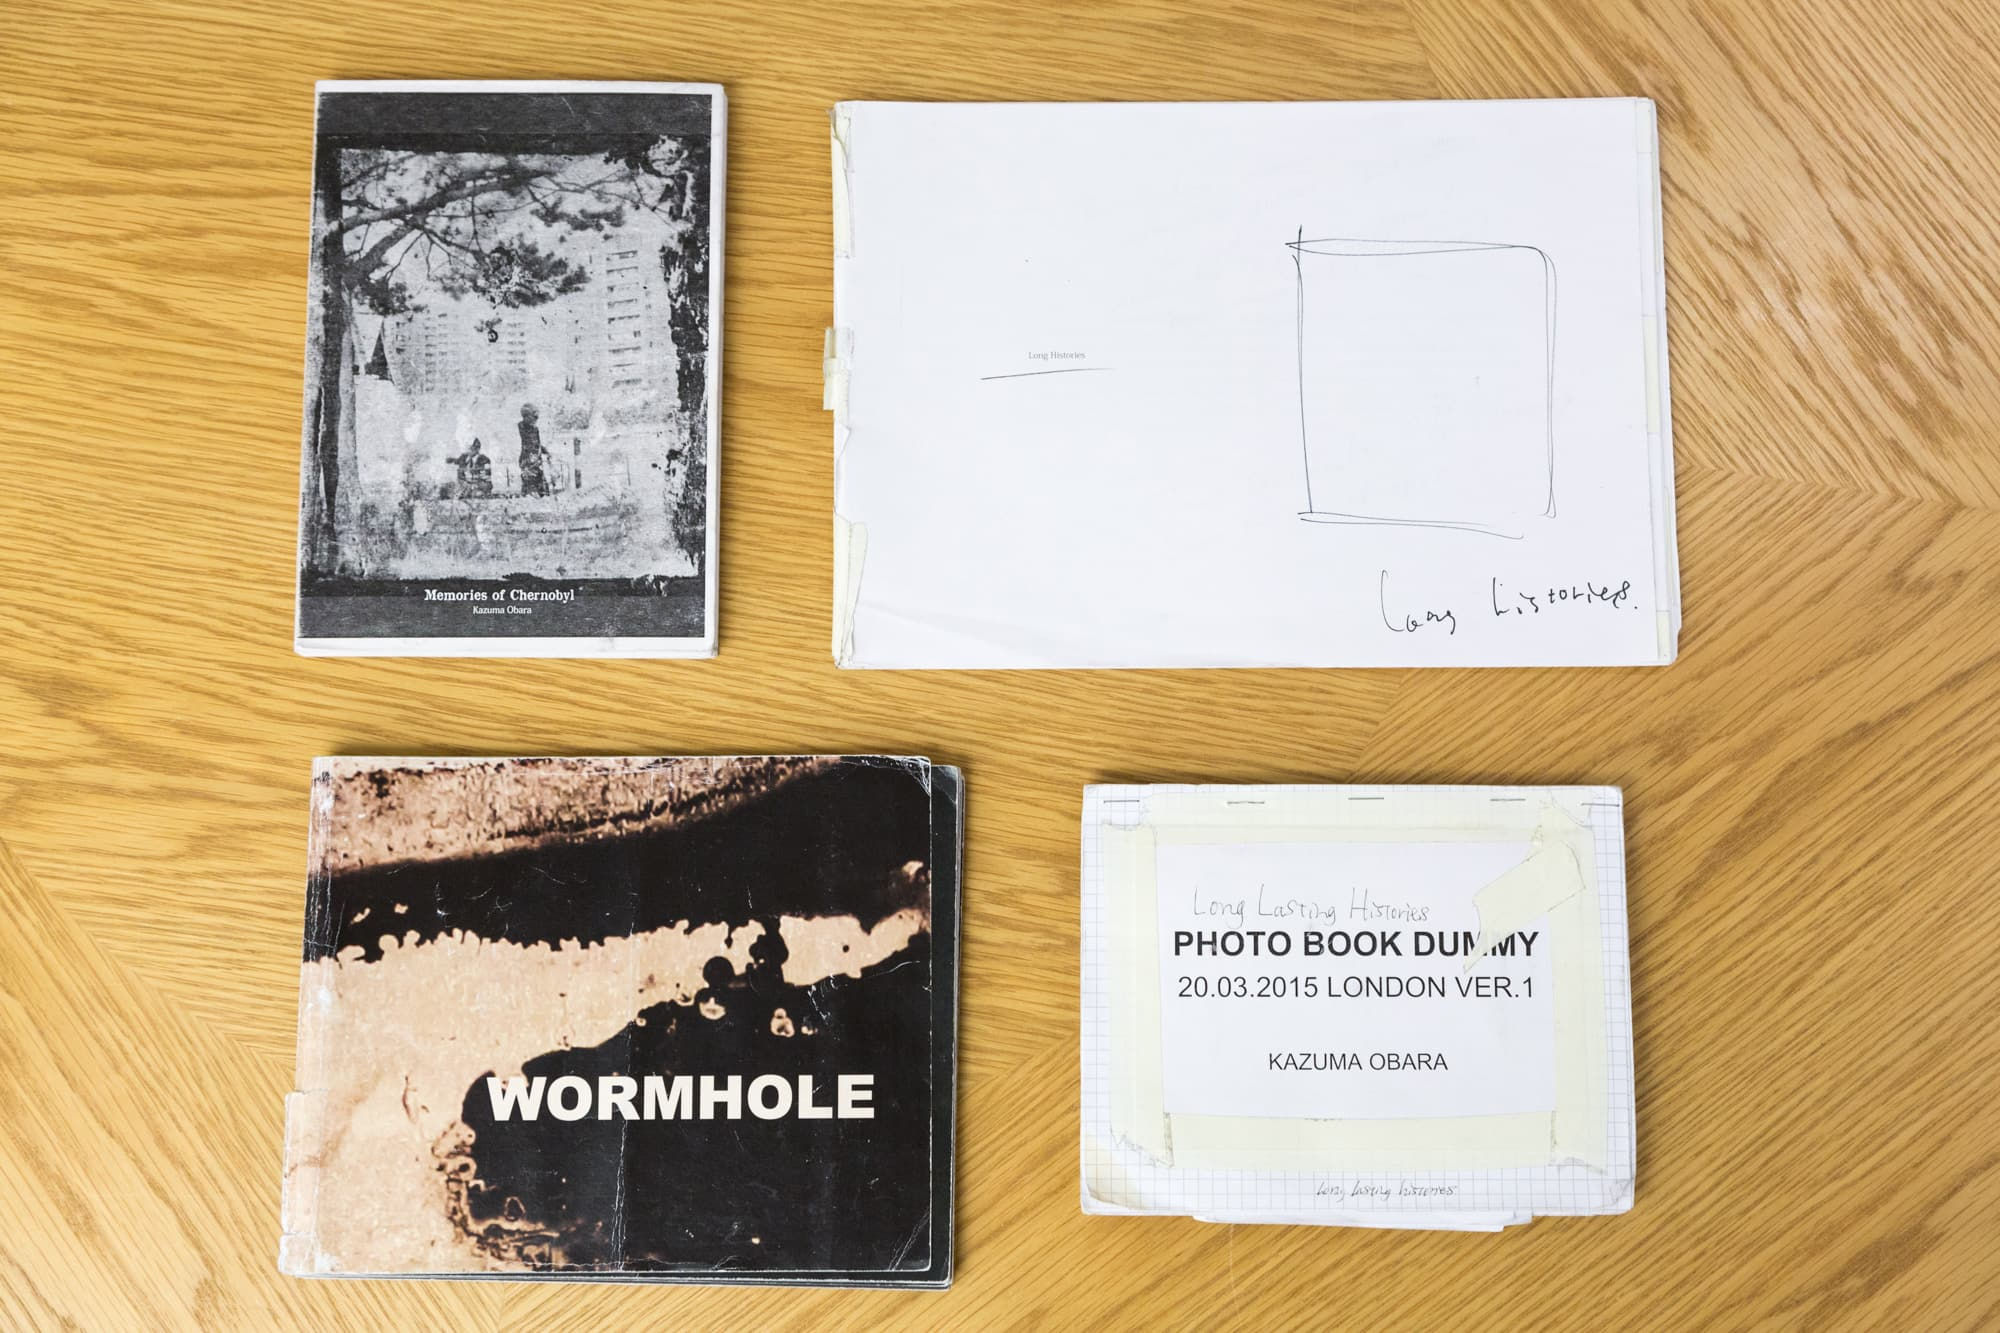 物語を「語る」写真集はいかにして生まれたのか?小原一真の創作の原点を追う【後編】 | 『Exposure』の電車のシリーズを一冊に作るまでのダミーブックの数々。